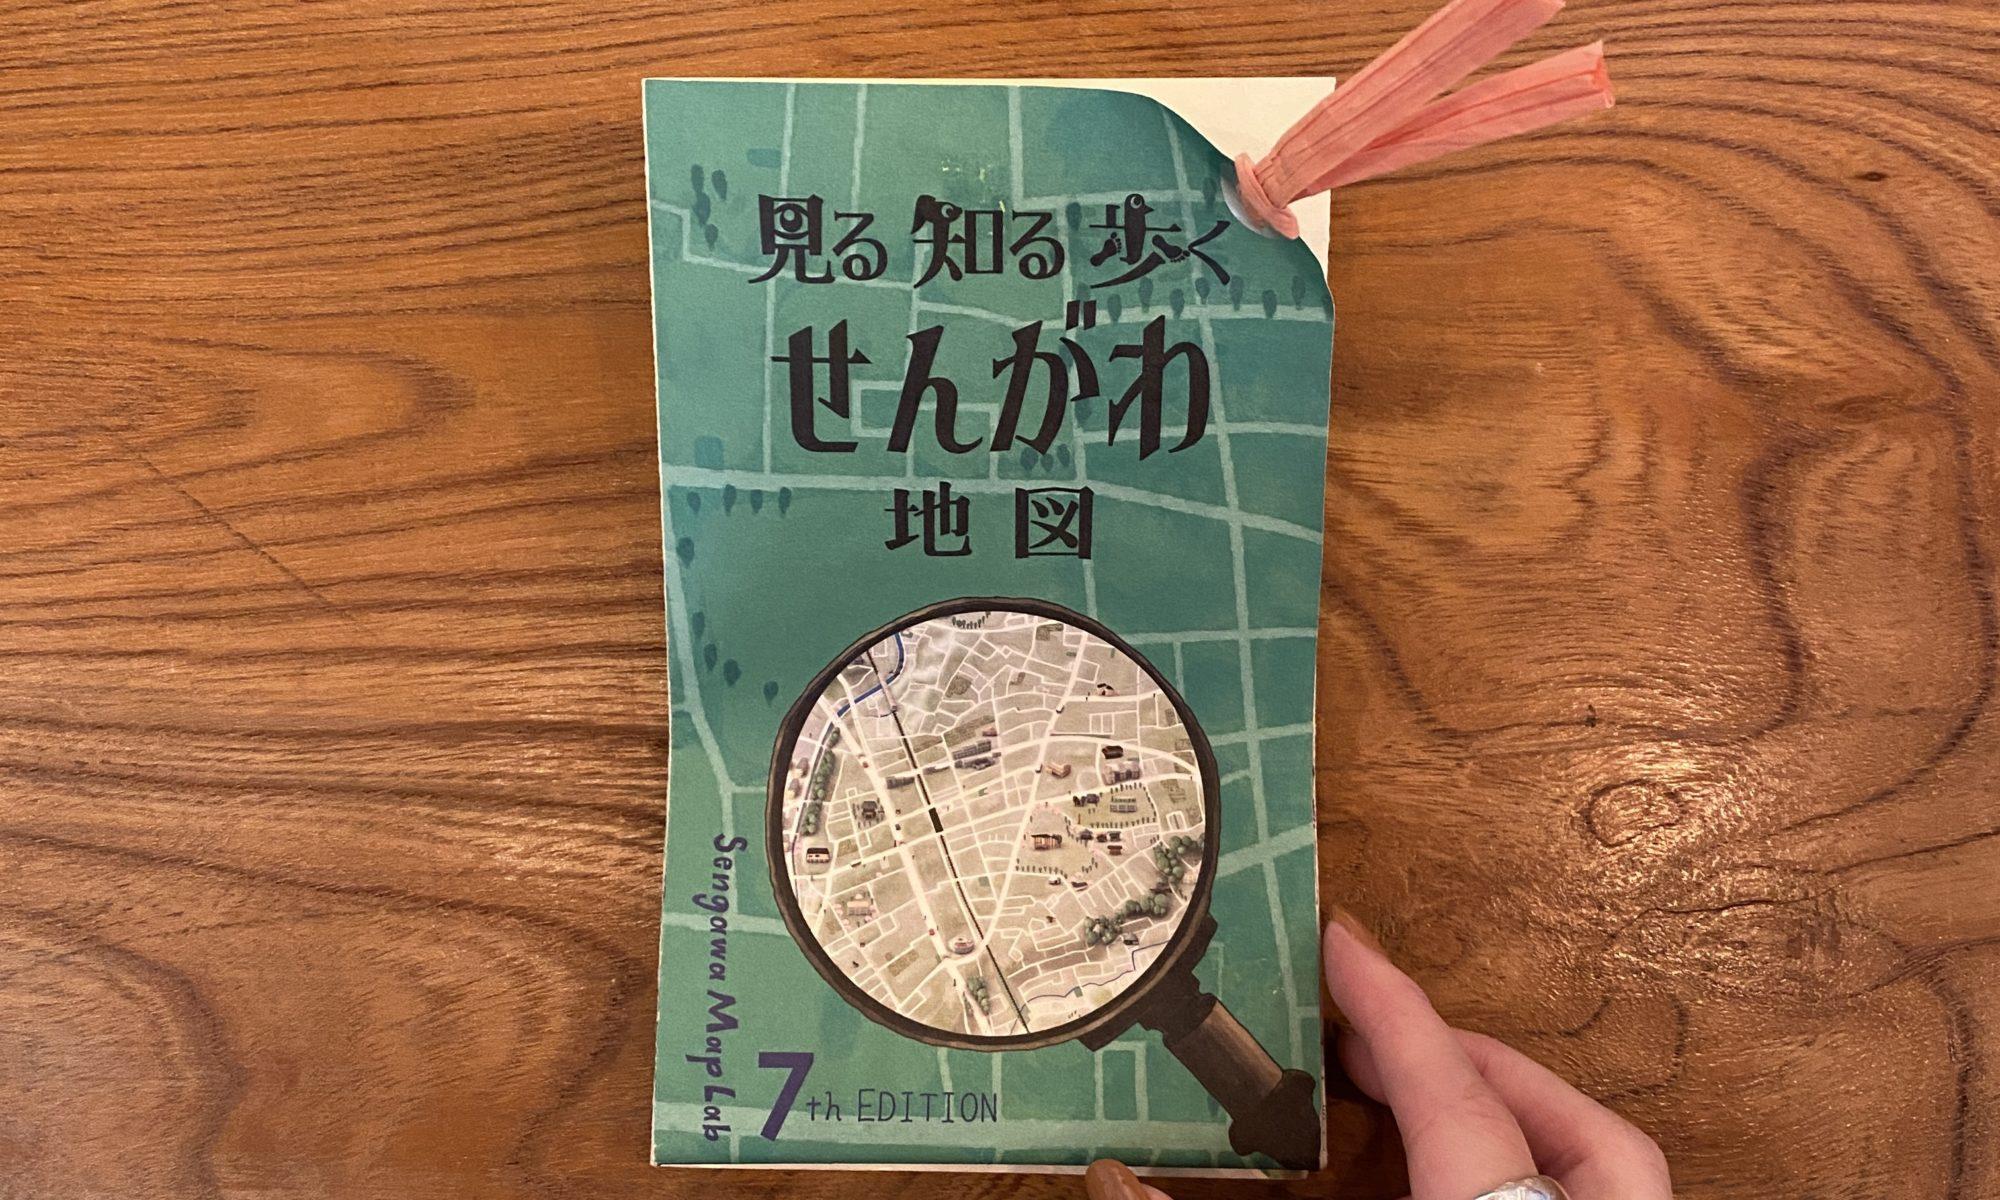 モダン&レトロが一気に楽しめる!「仙川」さんぽ